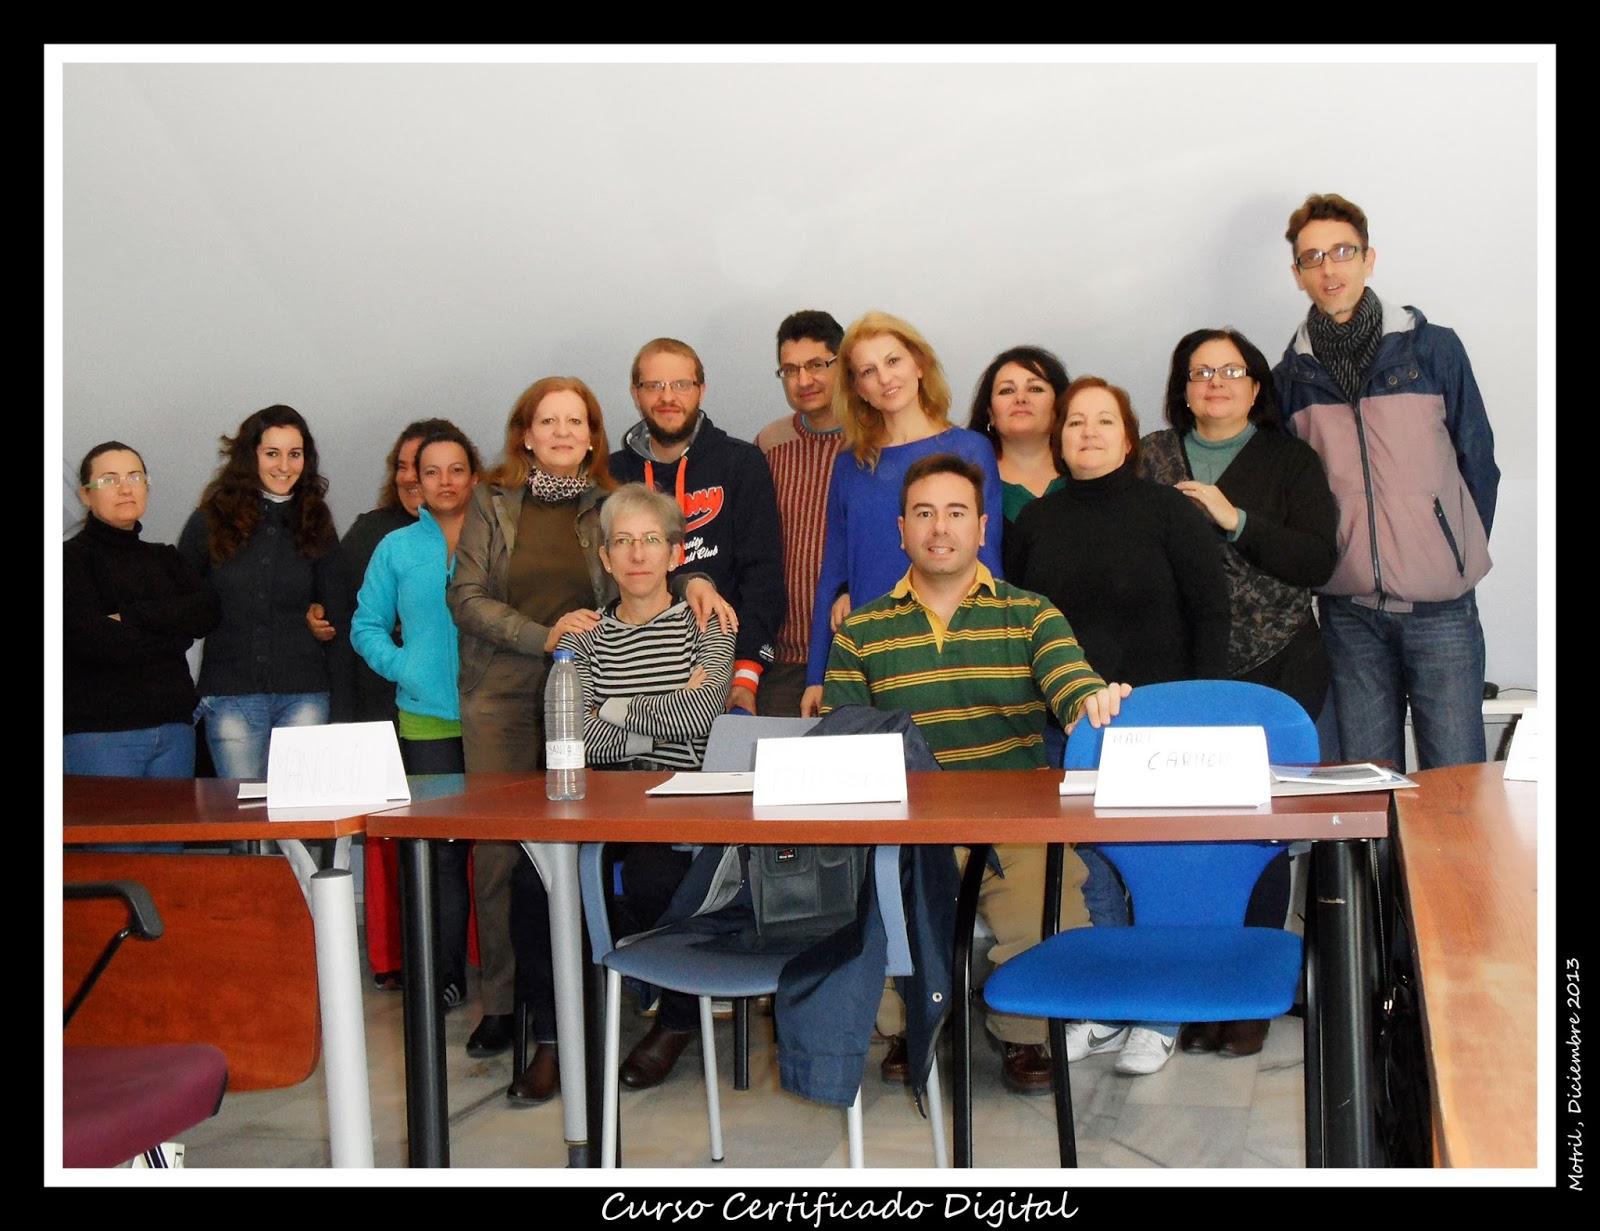 Tecnoinfe tecnolog a inform tica y educaci n fotos del curso de certificado digital - Oficina virtual de fpe ...